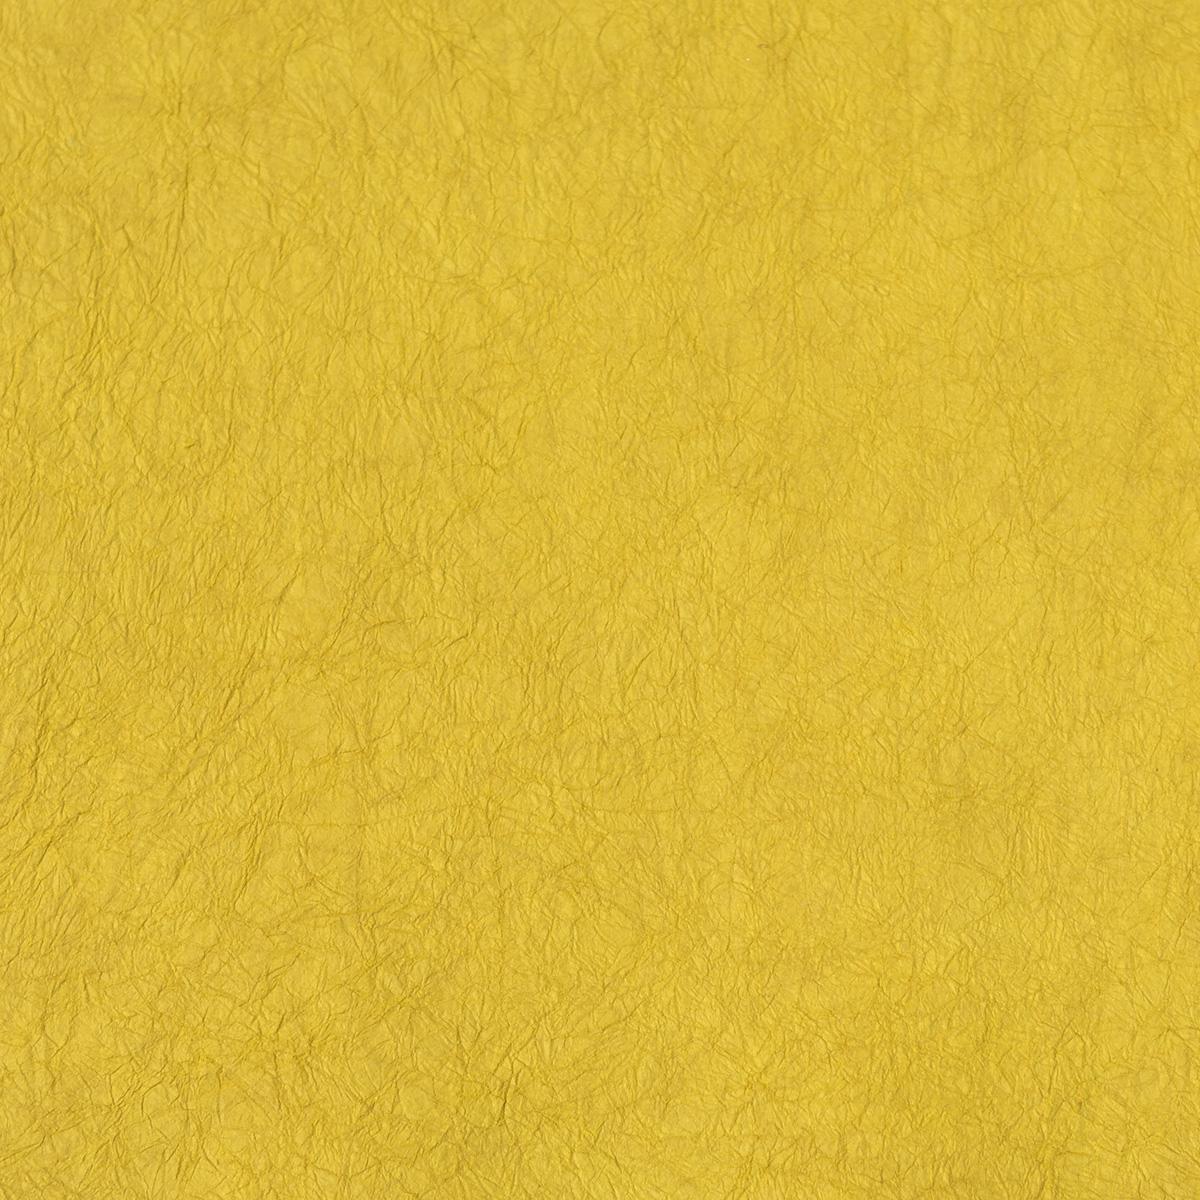 王朝のそめいろ 厚口 43番 深黄